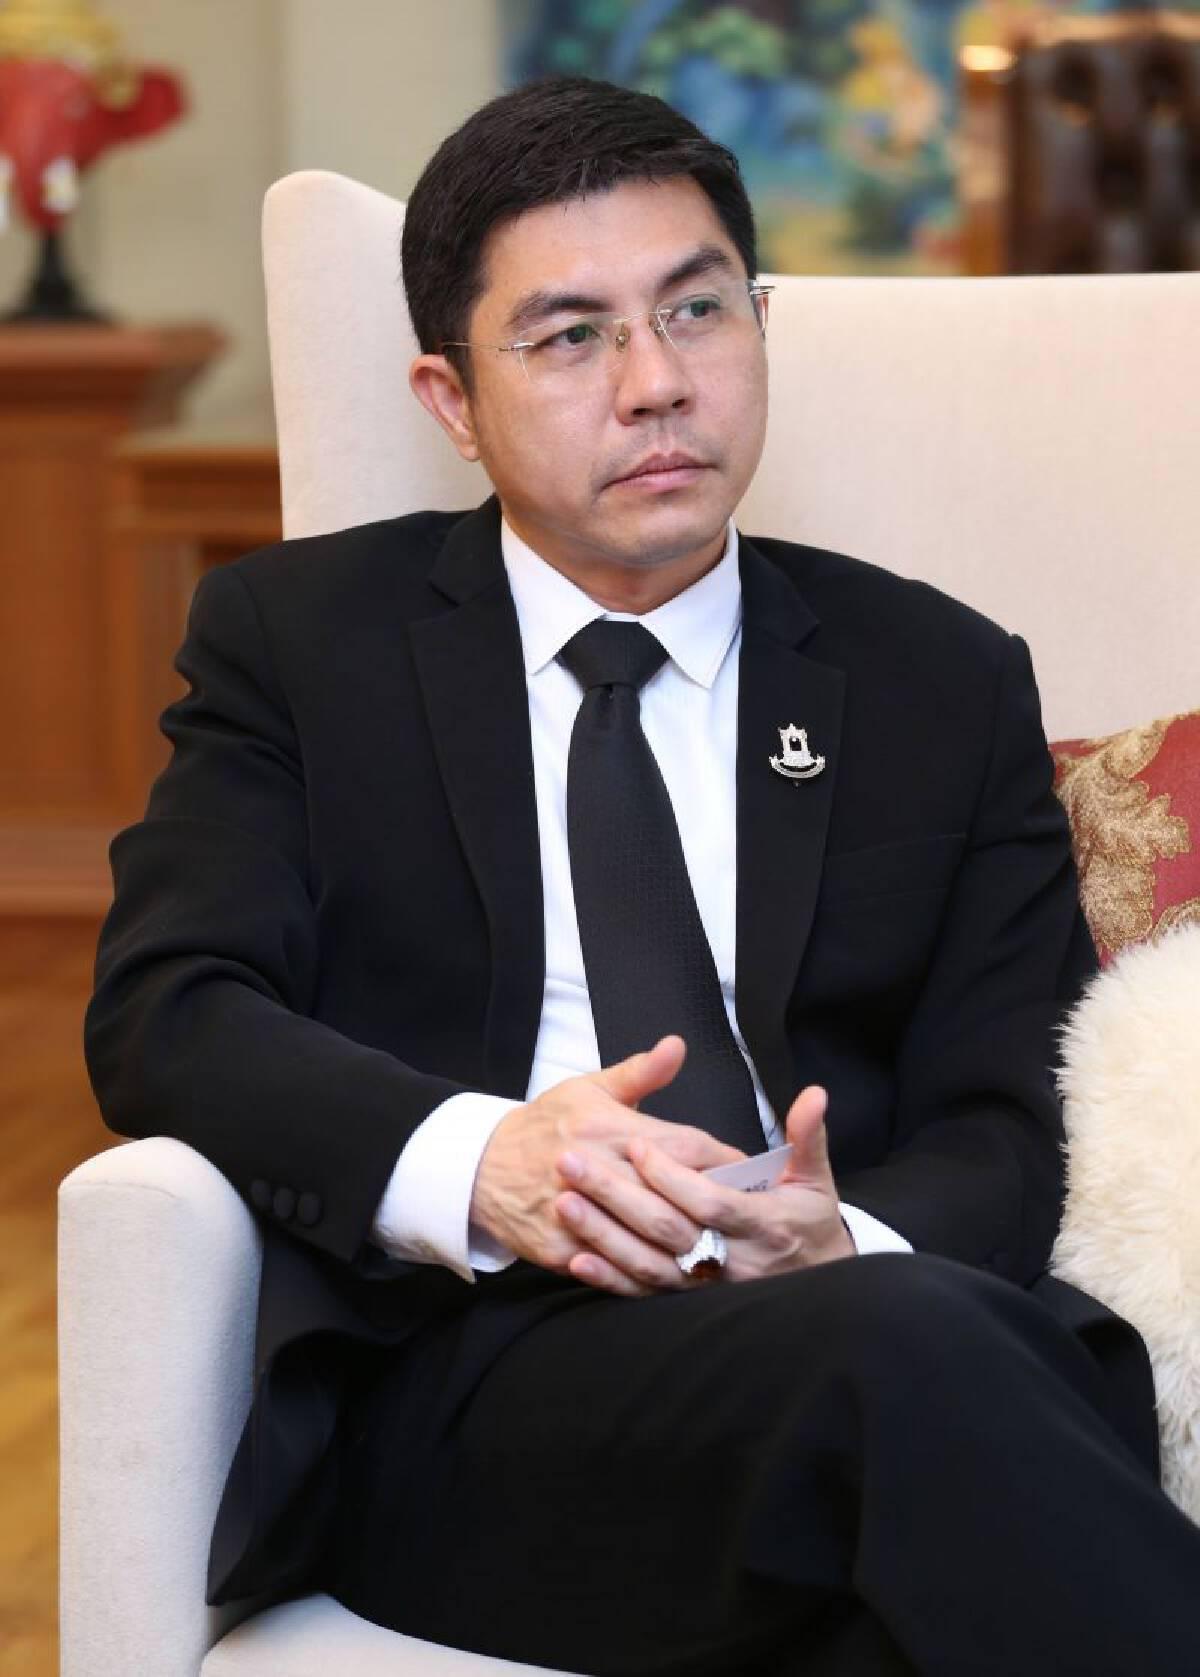 """ผู้นำ ธอส. เดินหน้านำองค์กรสู่เป้า """"ทำให้คนไทยมีบ้าน"""""""